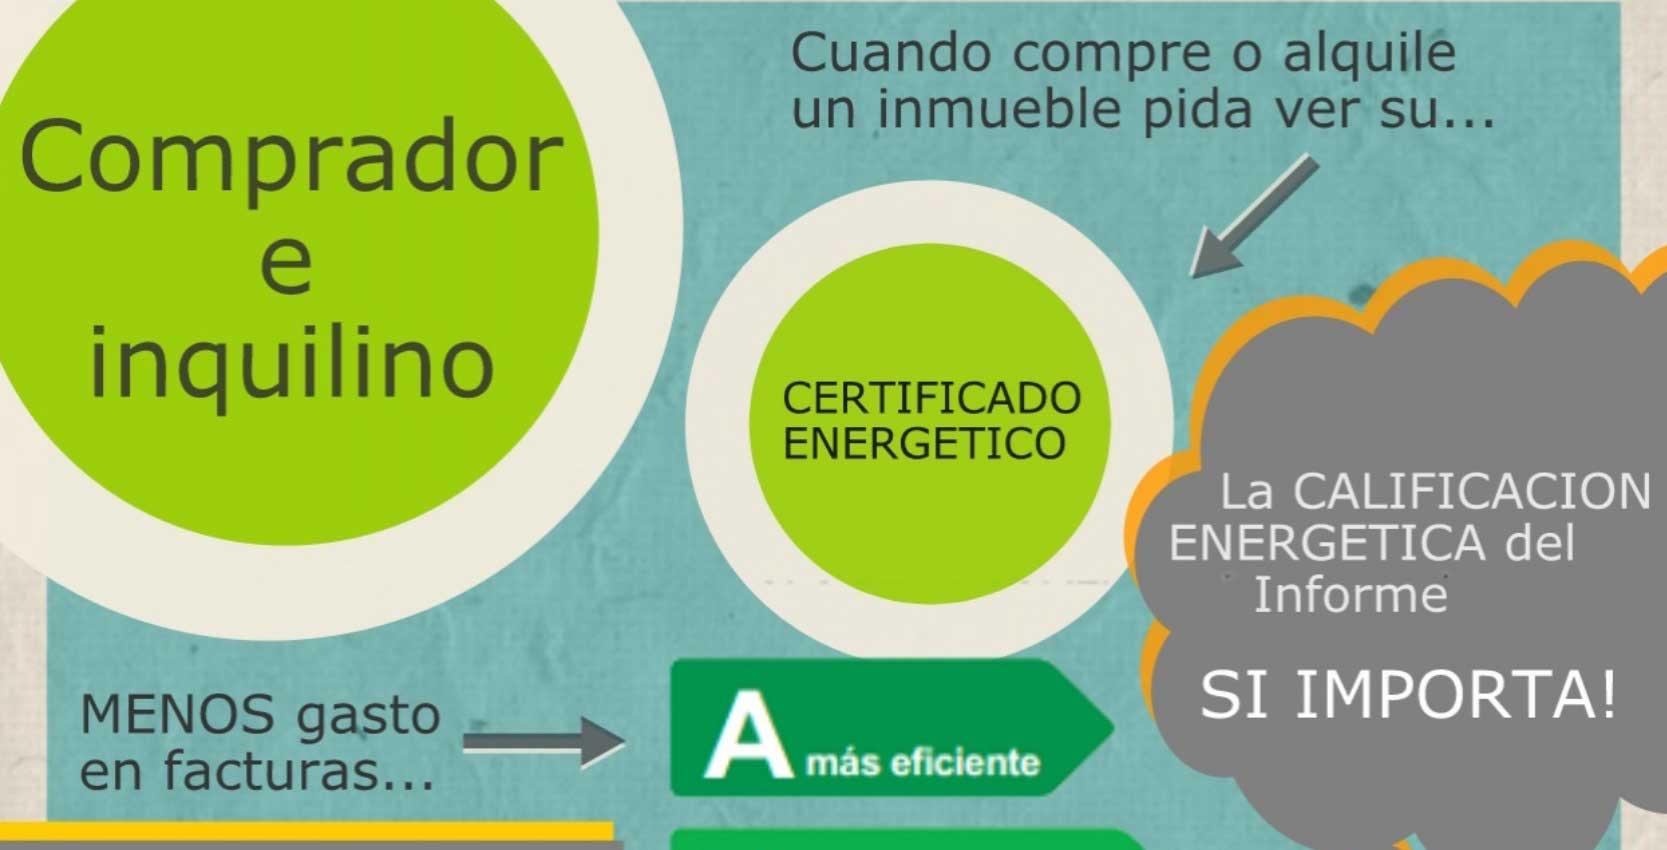 Certificacion-energetica-es